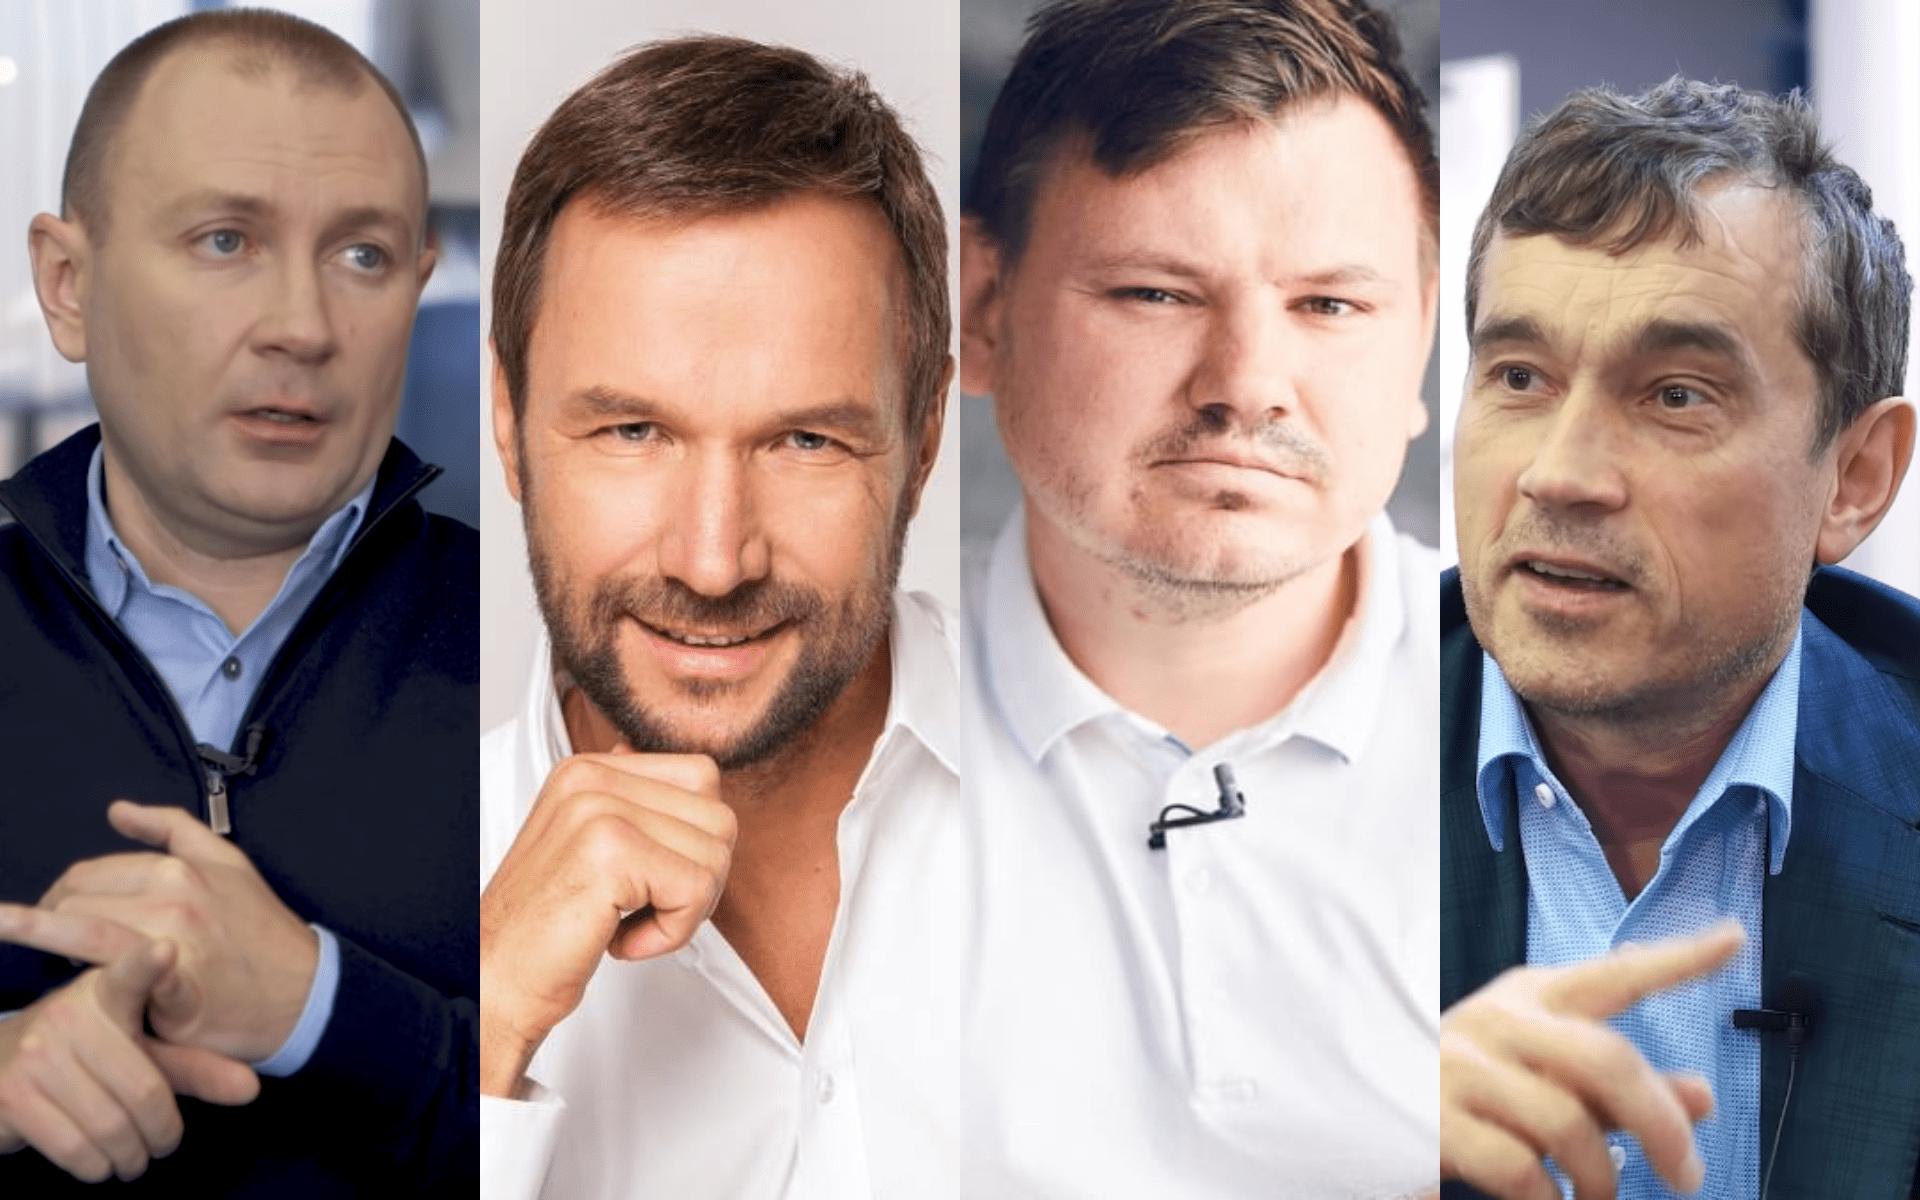 Климов, Антонов, Купер, Хмельницкий